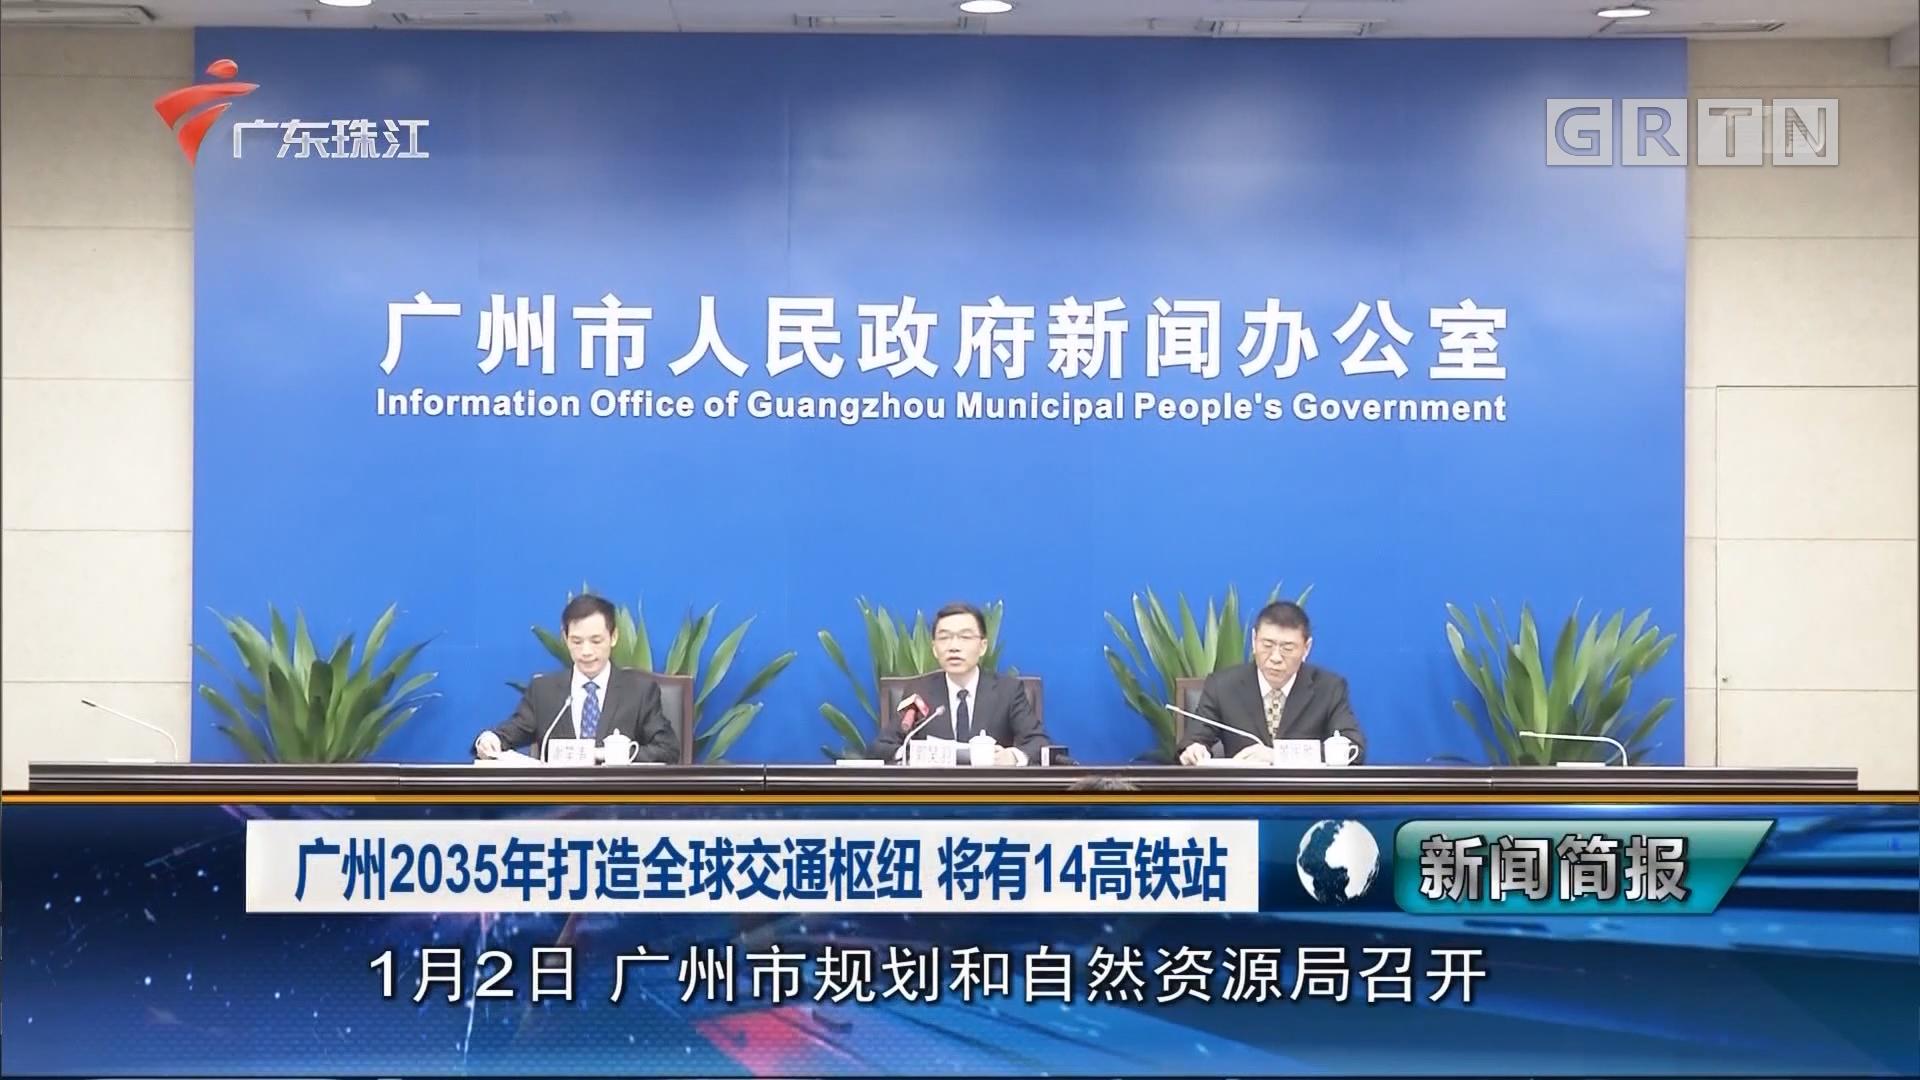 广州2035年打造全球交通枢纽 将有14高铁站